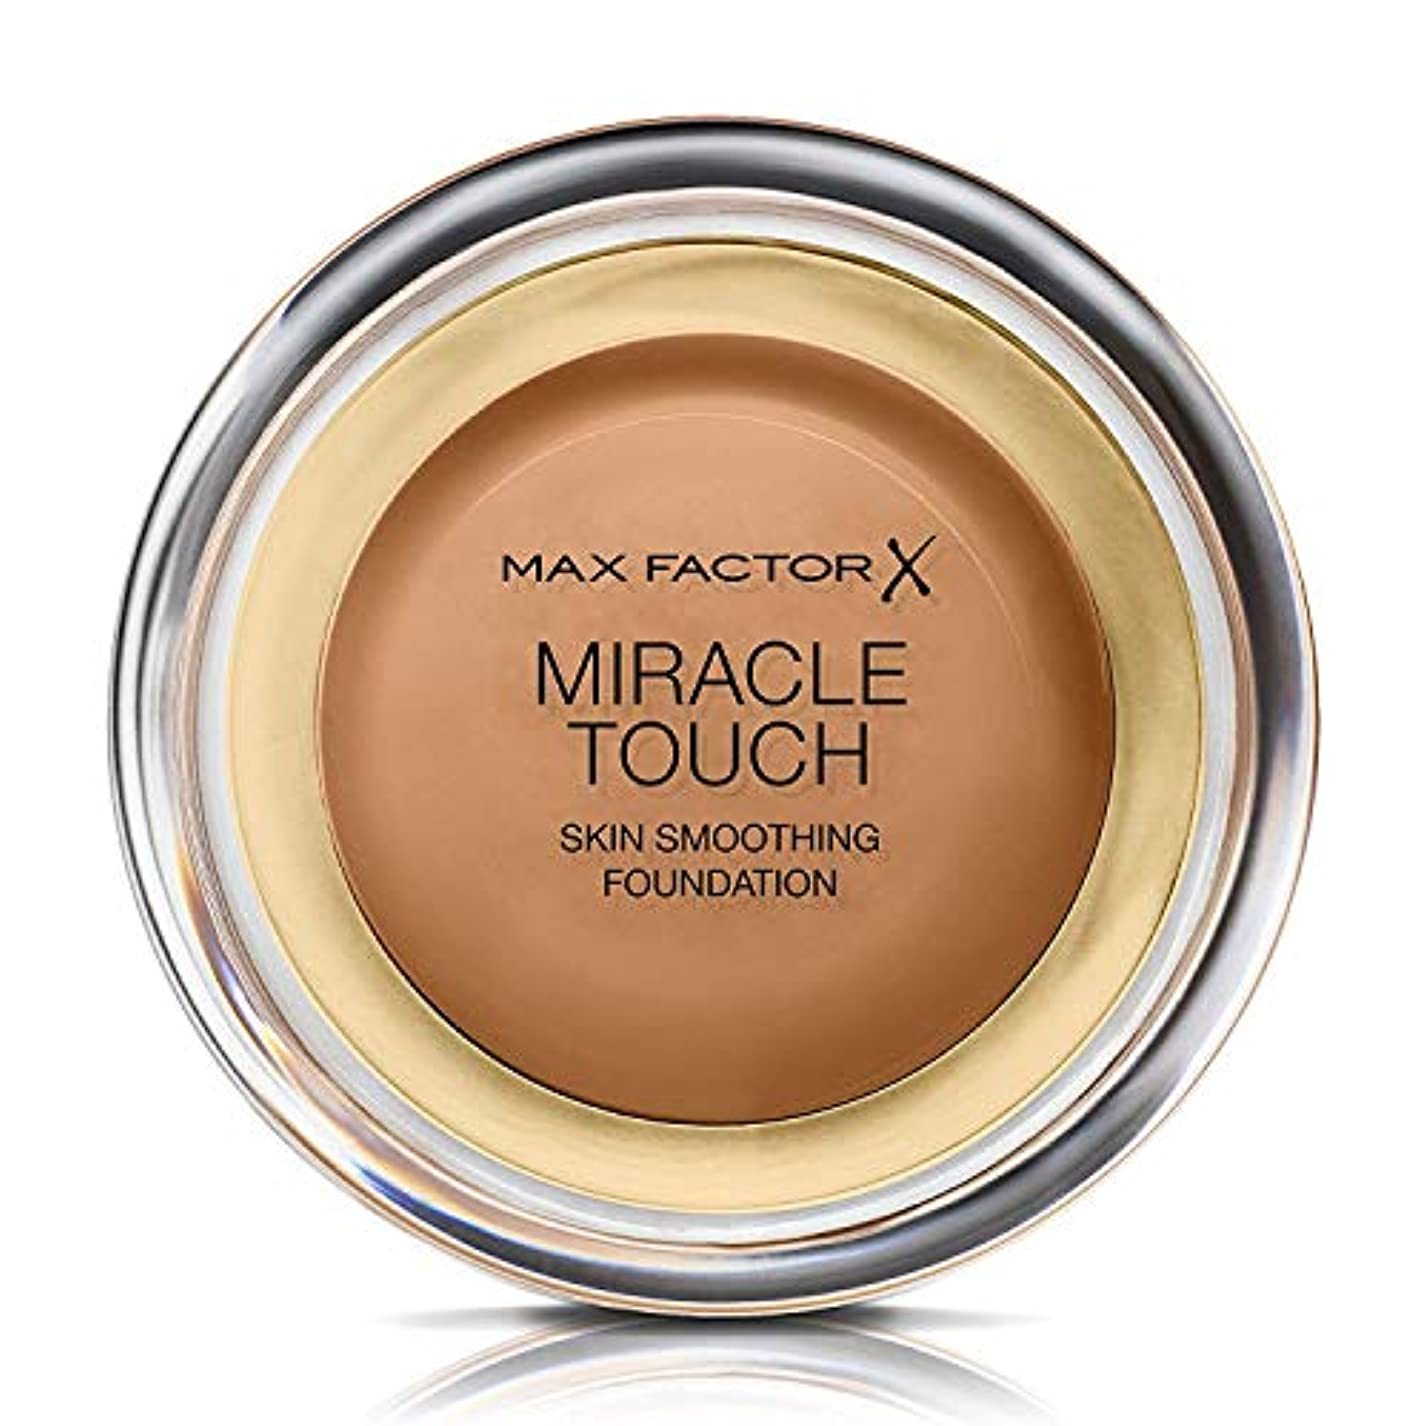 弓コーン第二マックス ファクター ミラクル タッチ スキン スムーズ ファウンデーション - カラメル Max Factor Miracle Touch Skin Smoothing Foundation - Caramel 085...